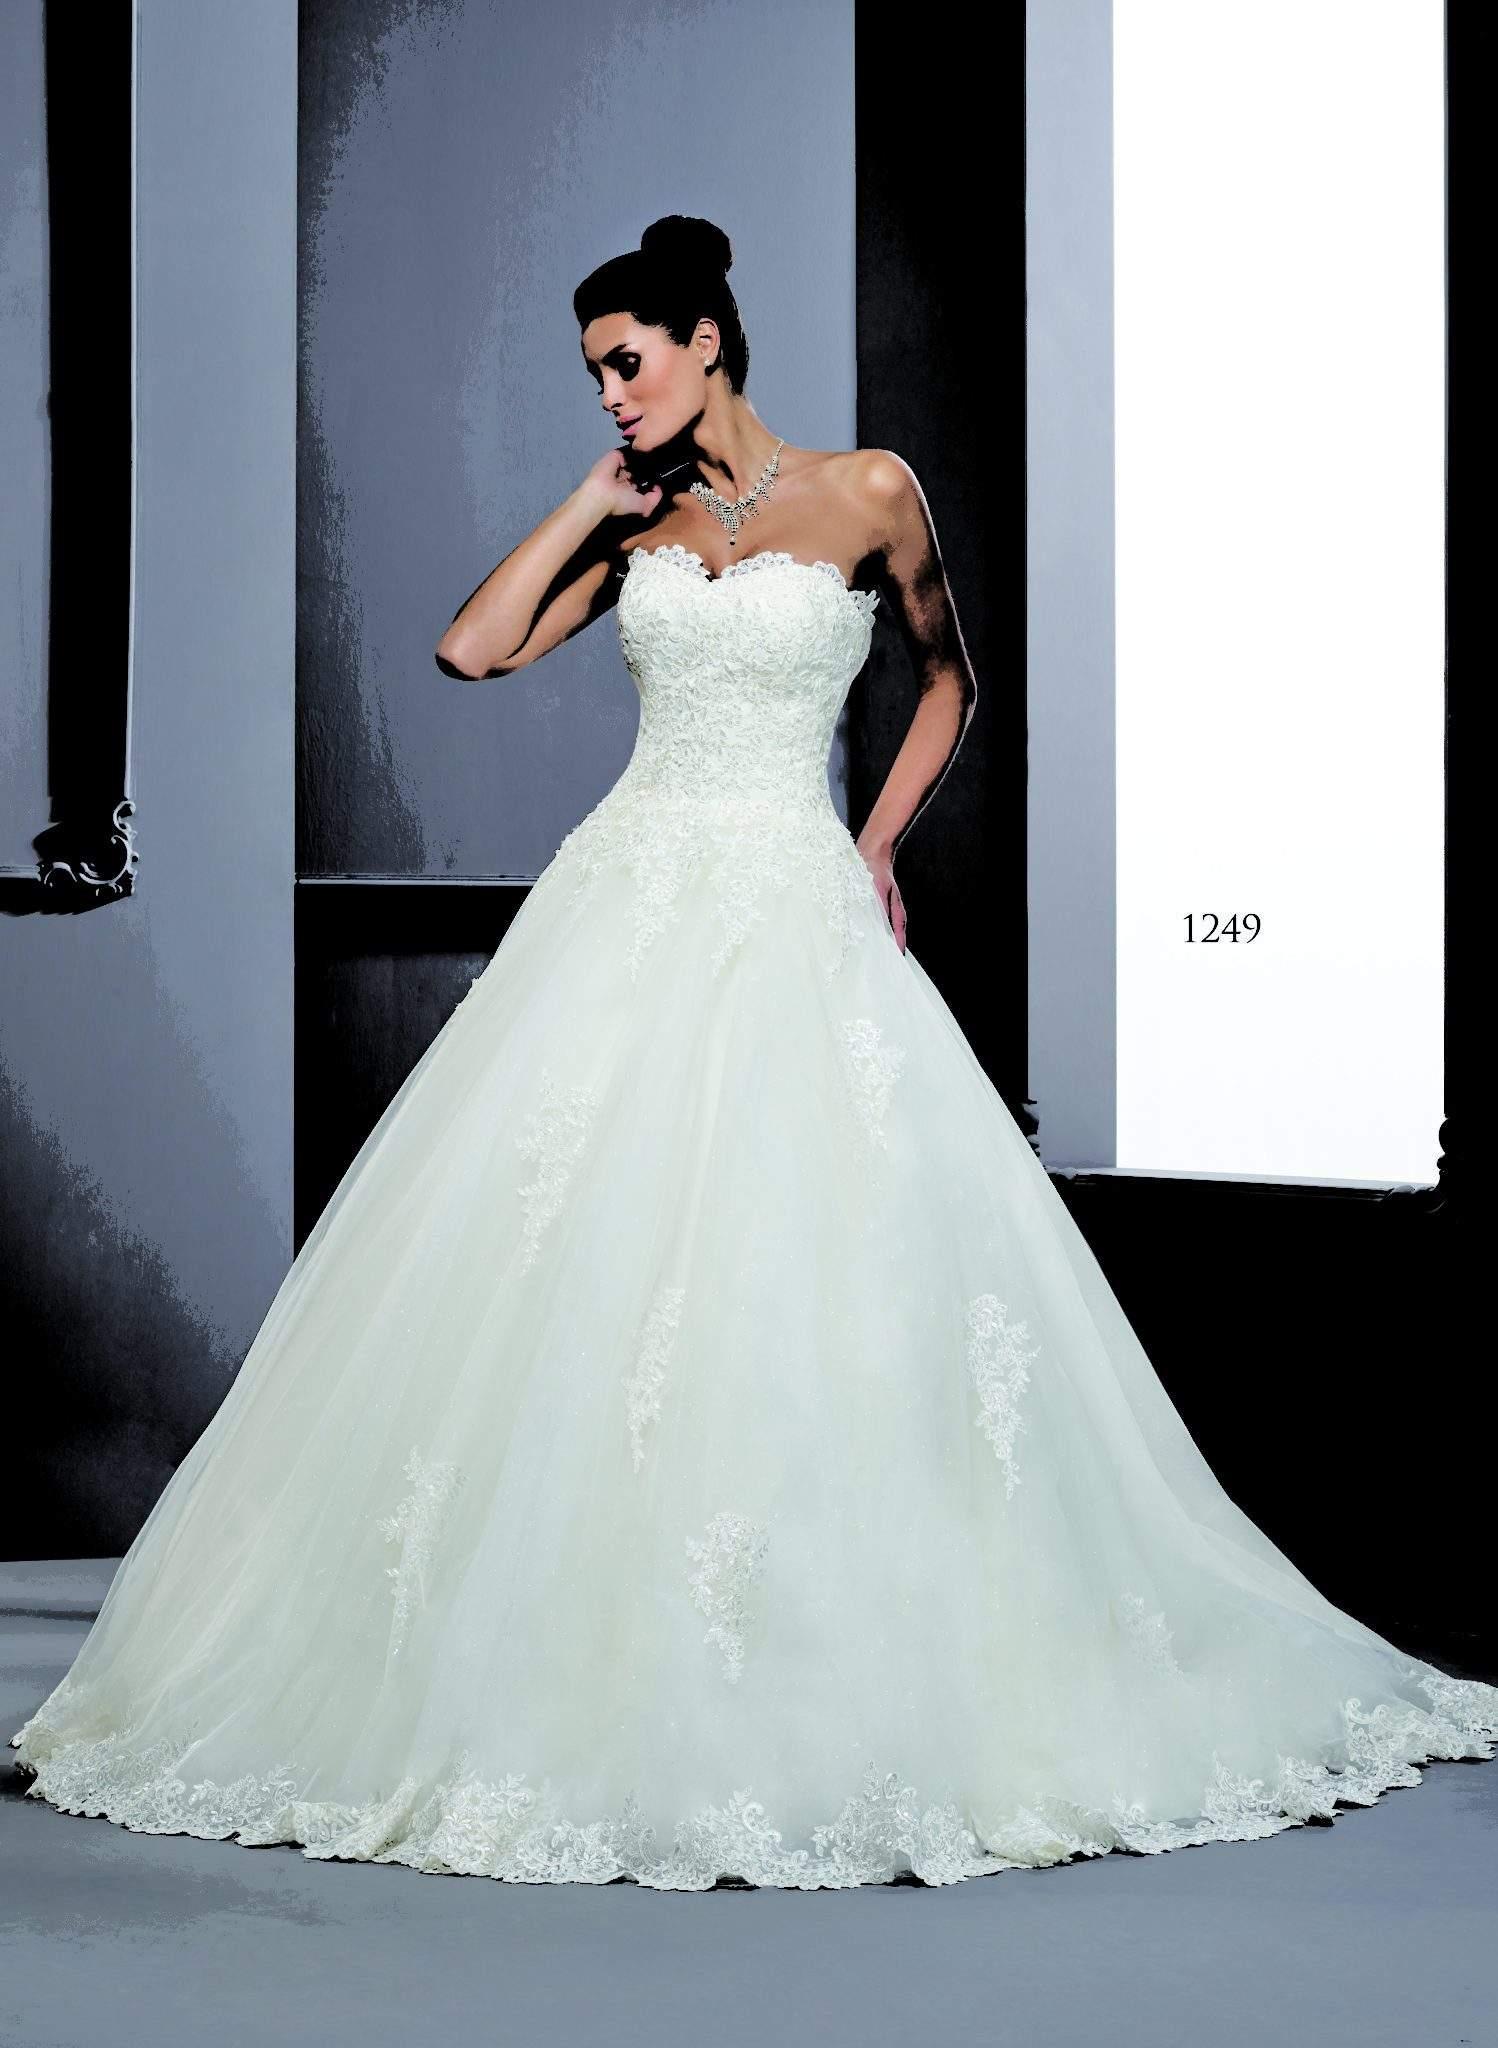 Traditionelle Brautkleider in Spitze - Darius Cordell Fashion Ltd